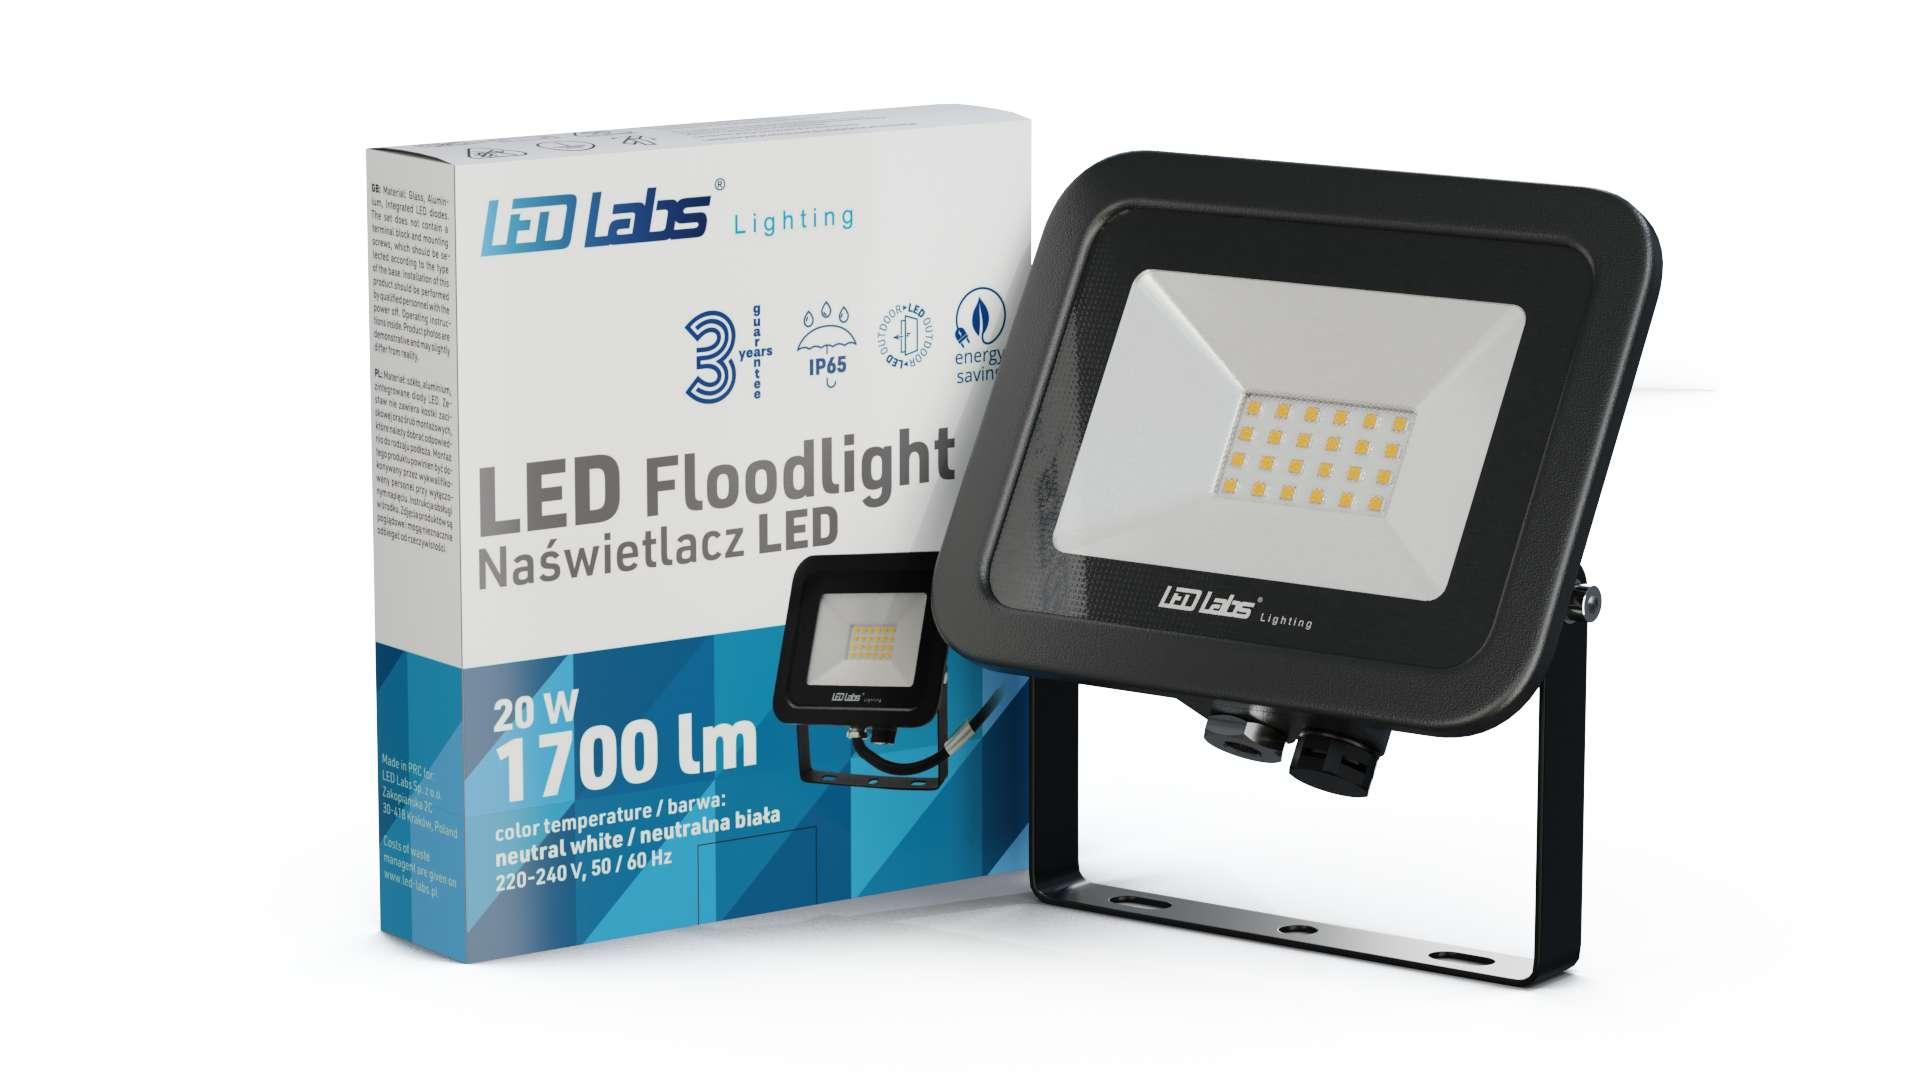 LED Floodligh 3Y 20W Neutral white SMD IP65 SLIM, black